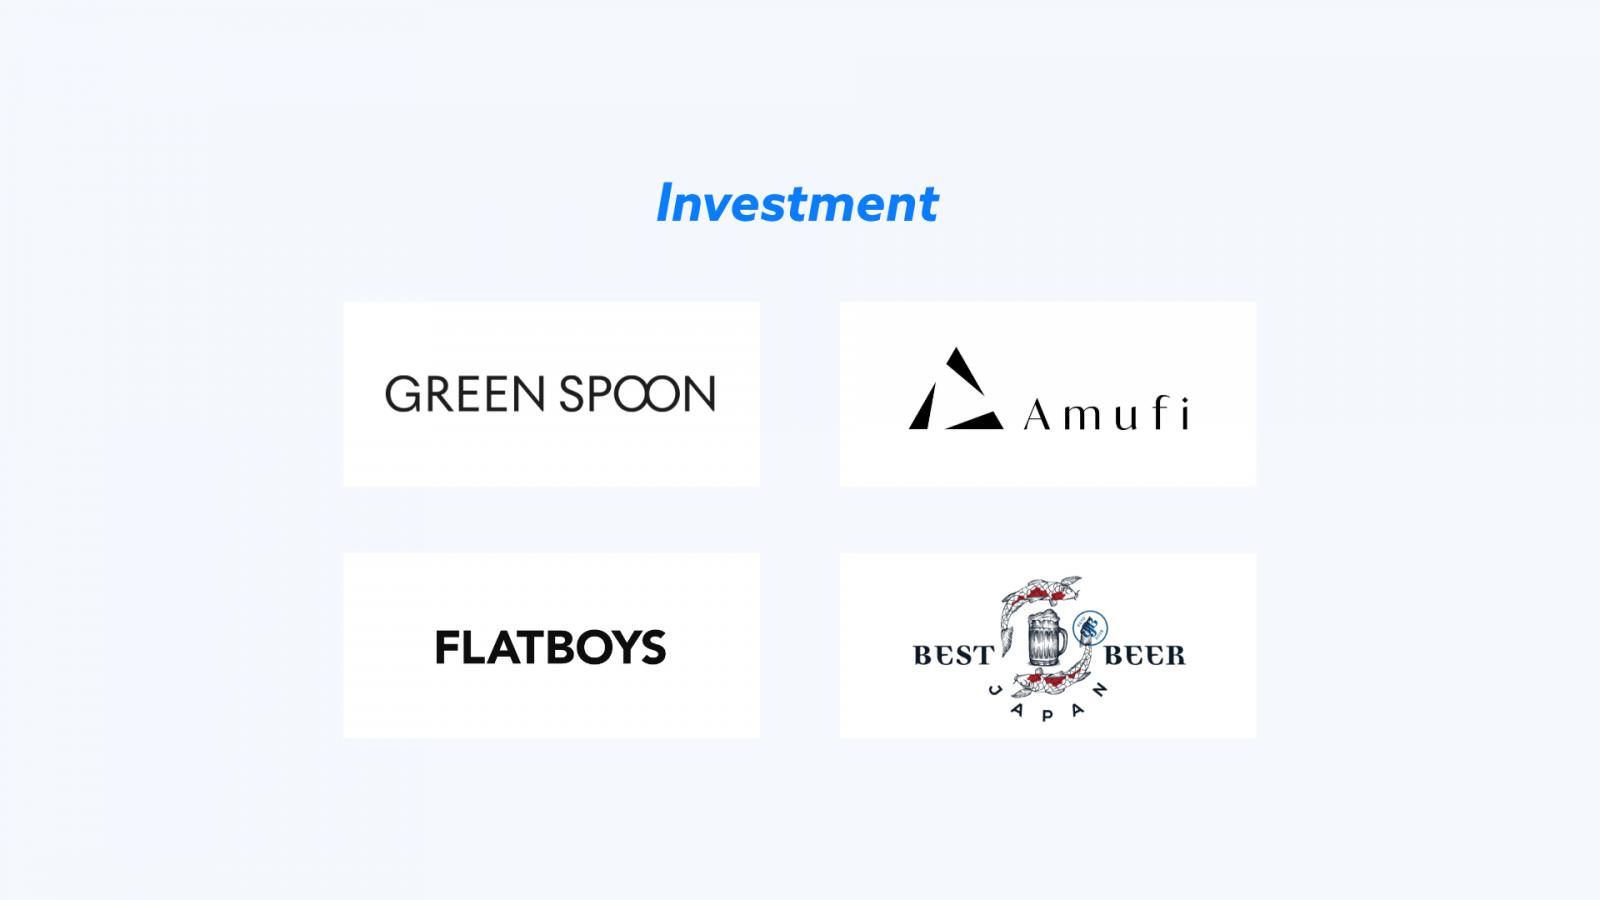 出資先企業の躍進